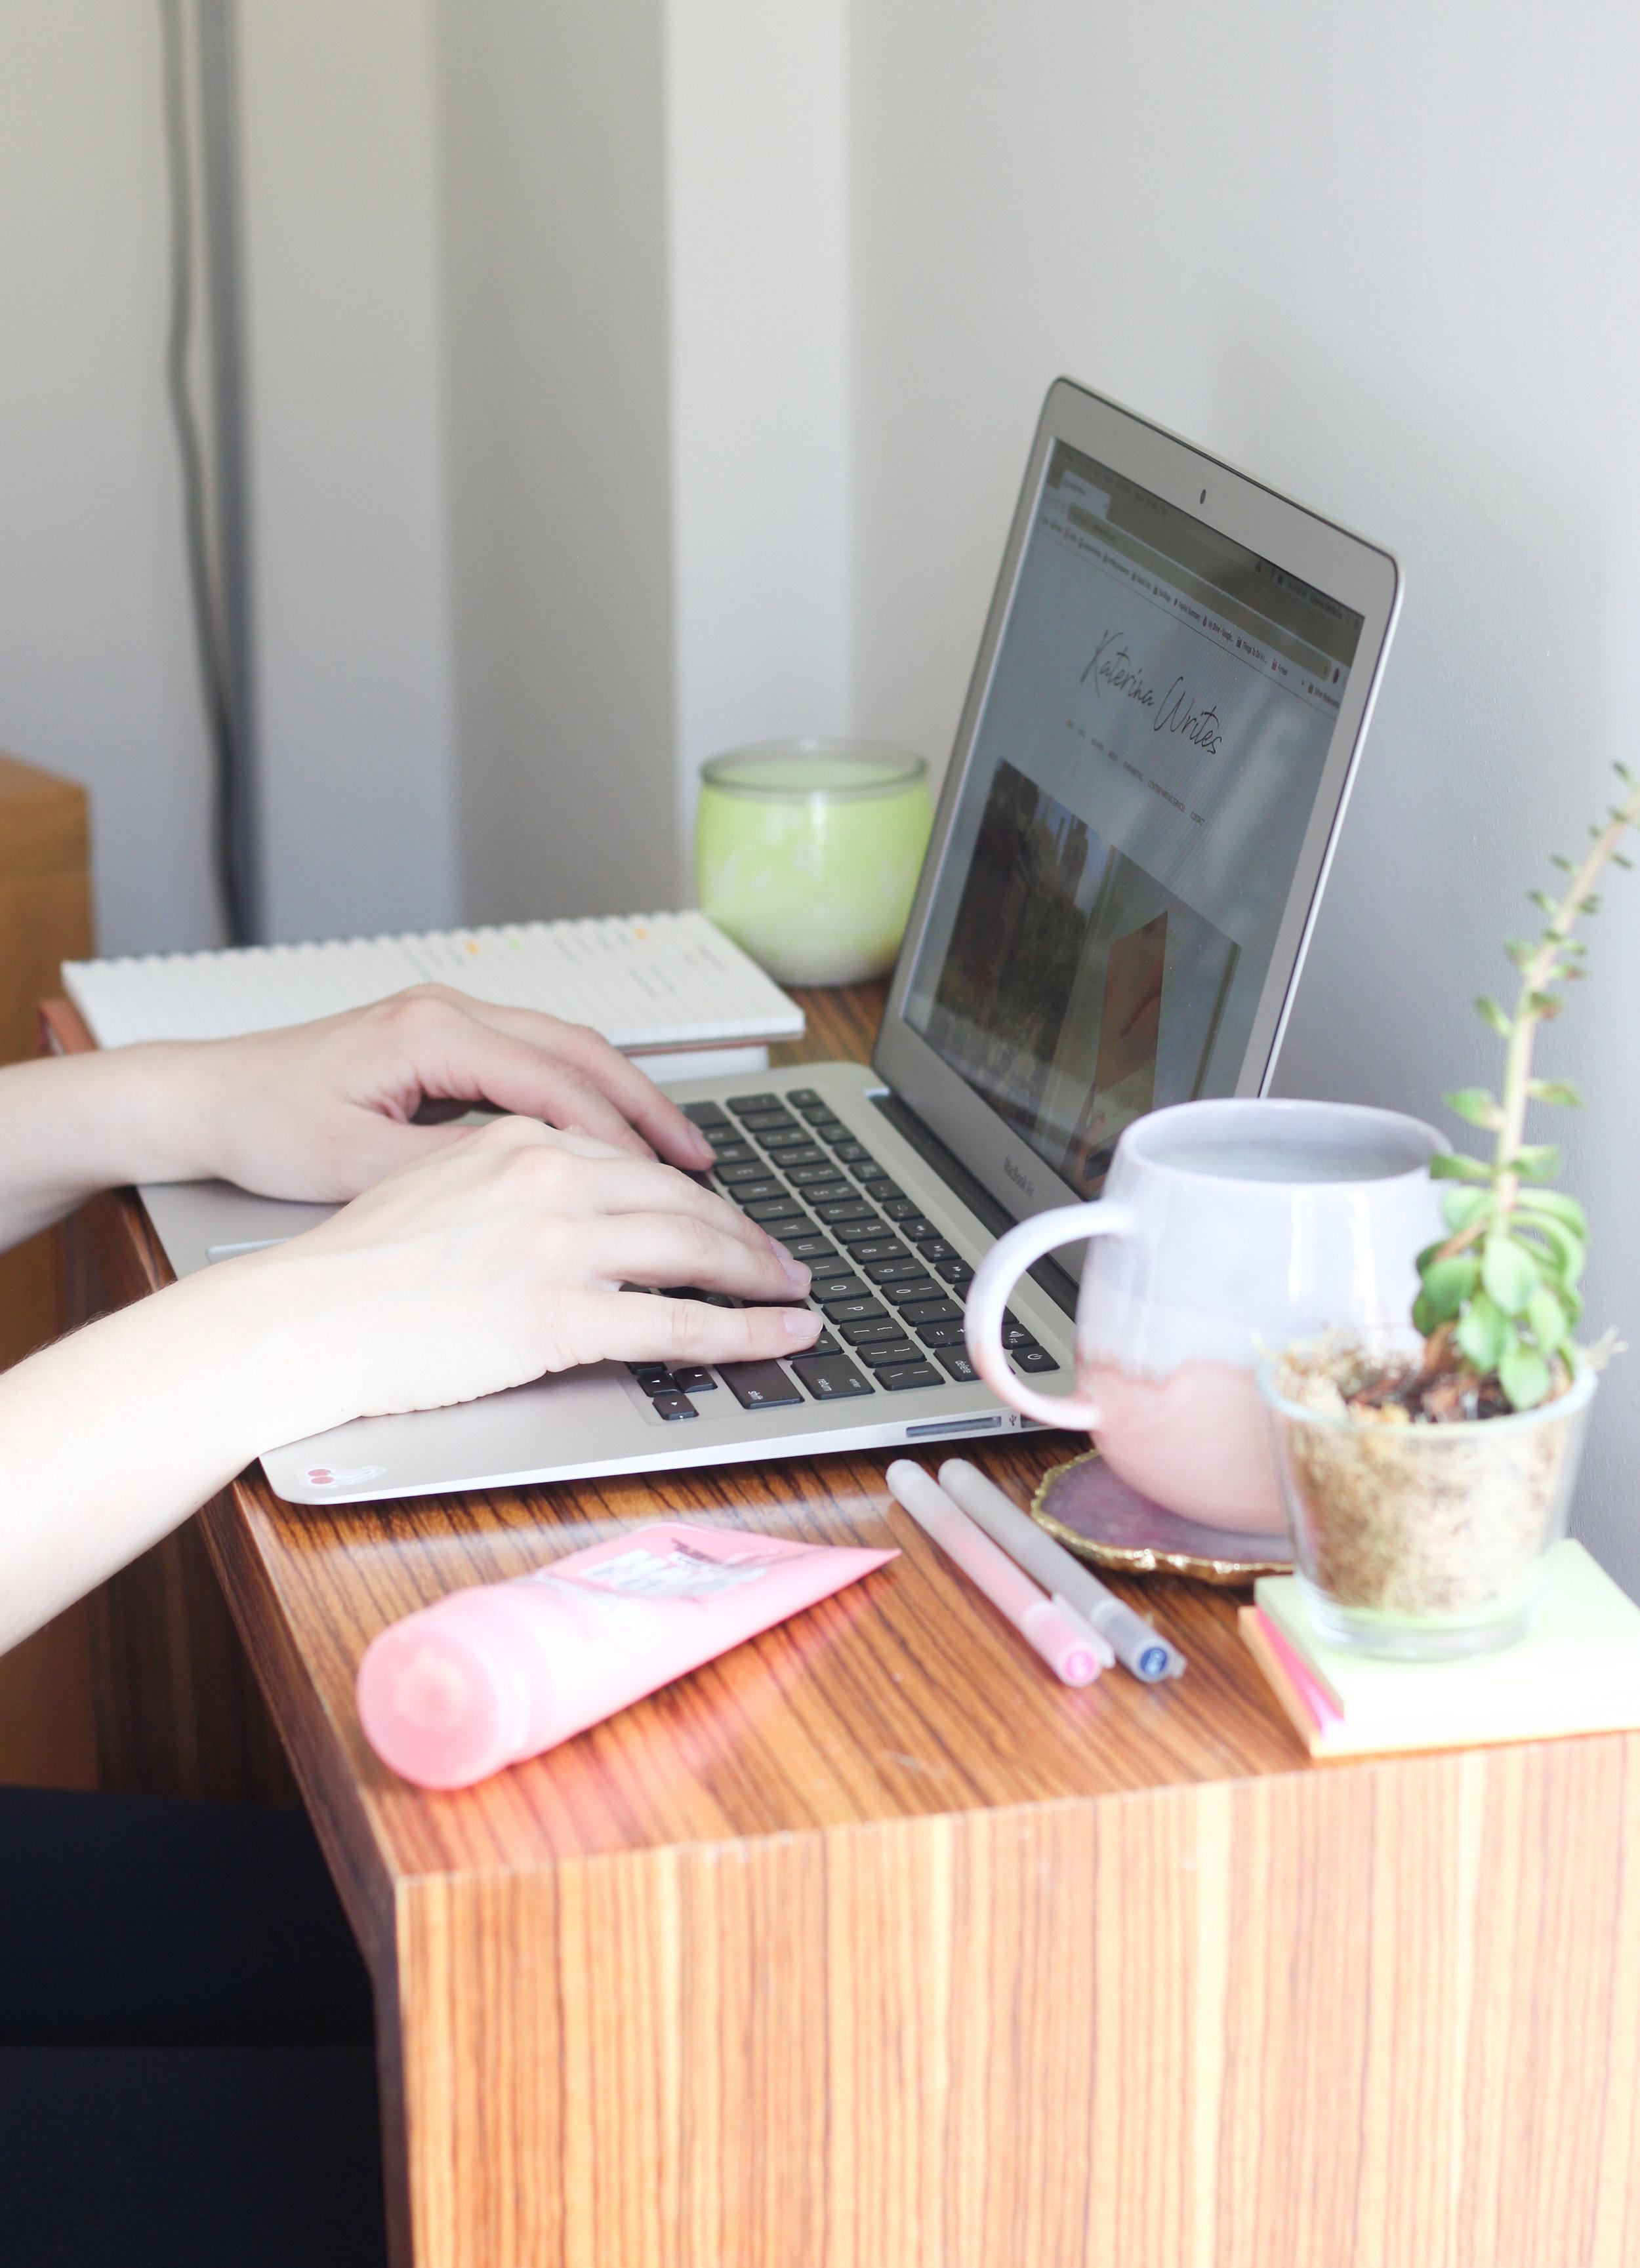 deskwork.jpg